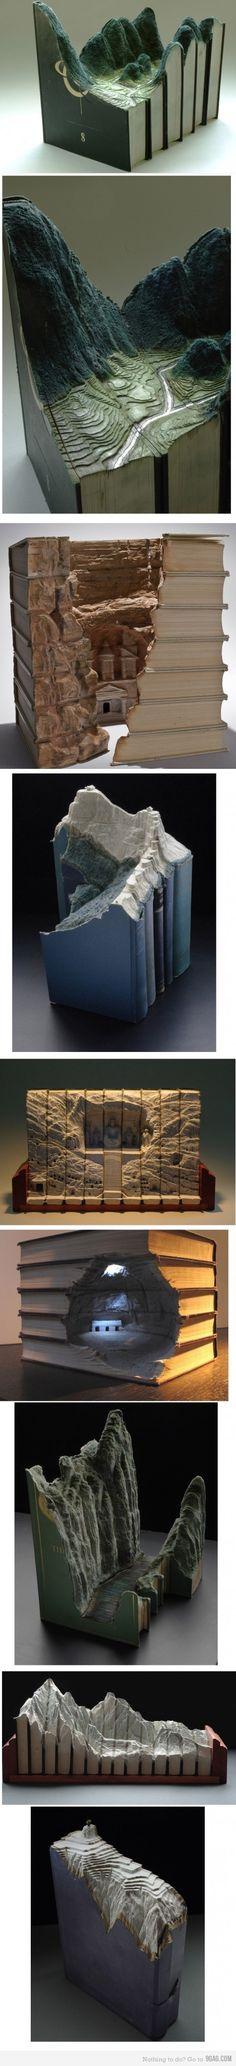 Just Books awesomeness...